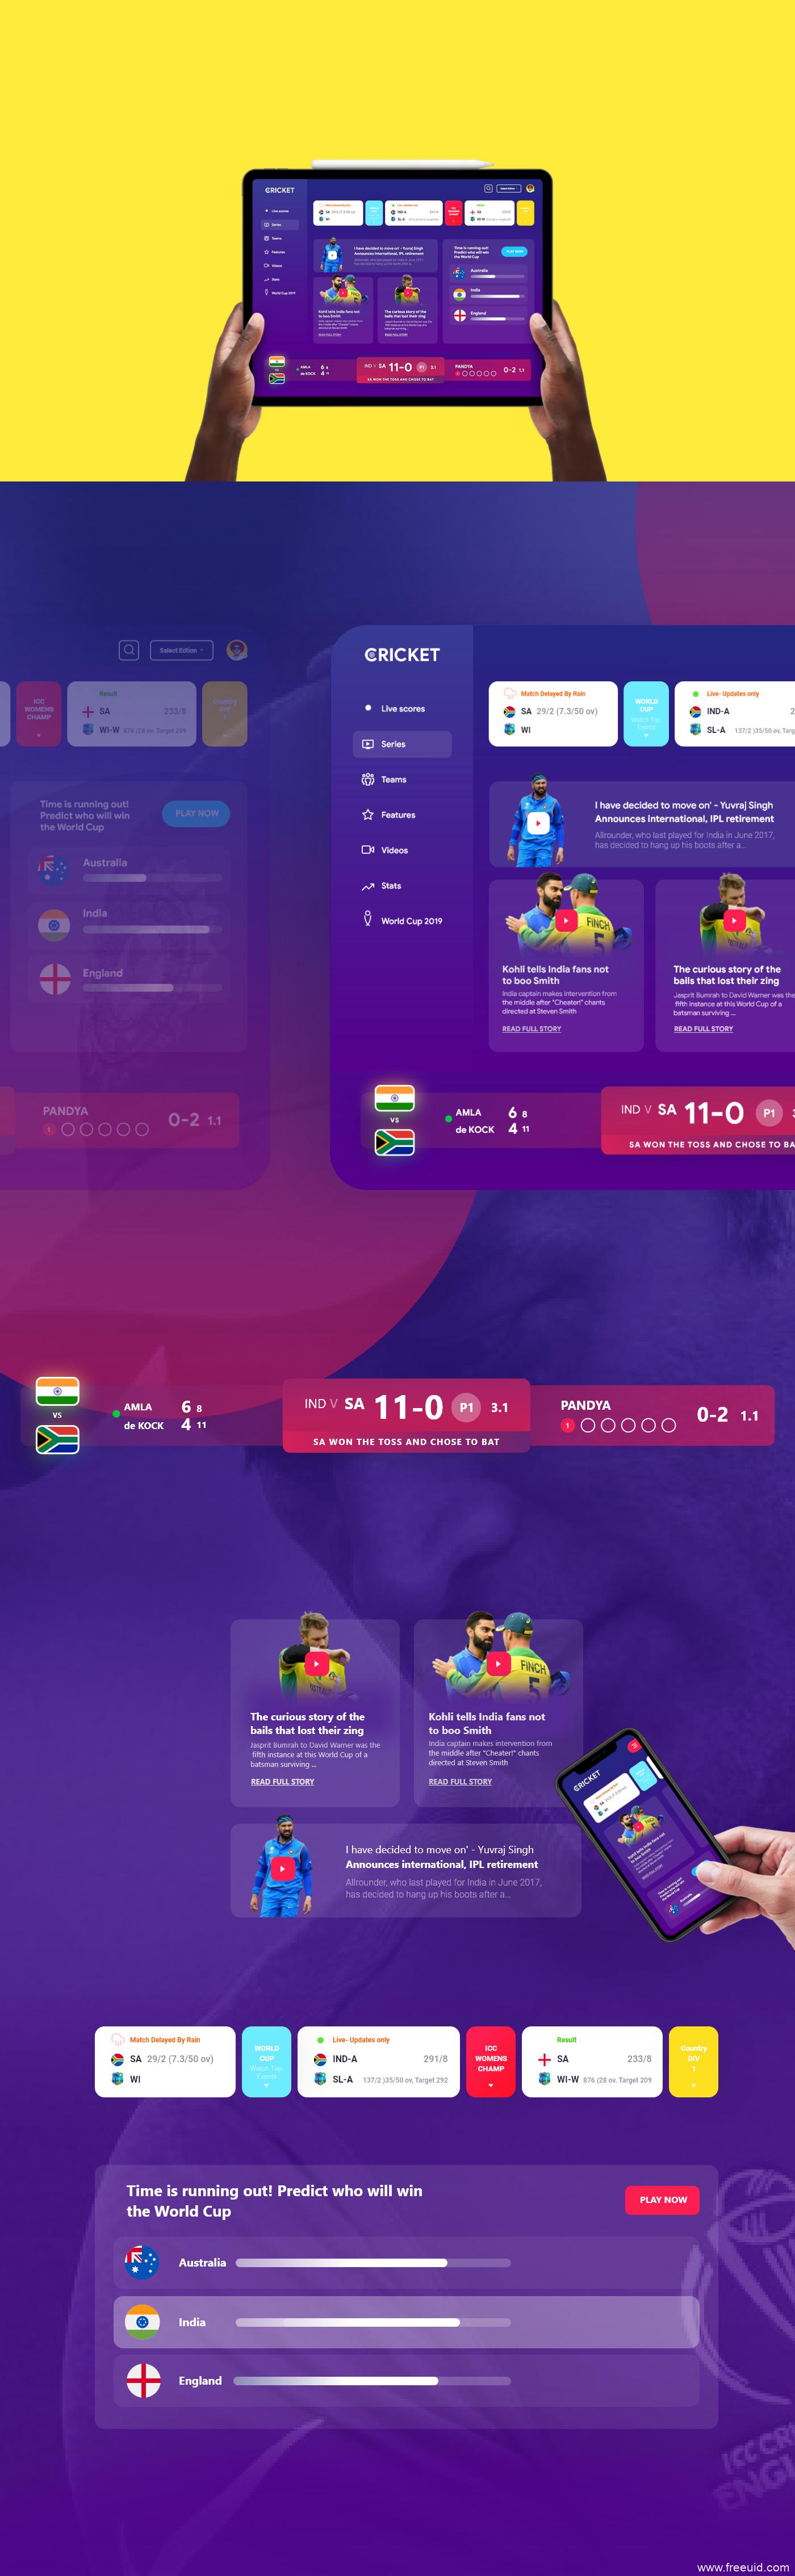 世界杯体育赛事UI kit源文件,UI素材下载,UI资源下载,xd源文件